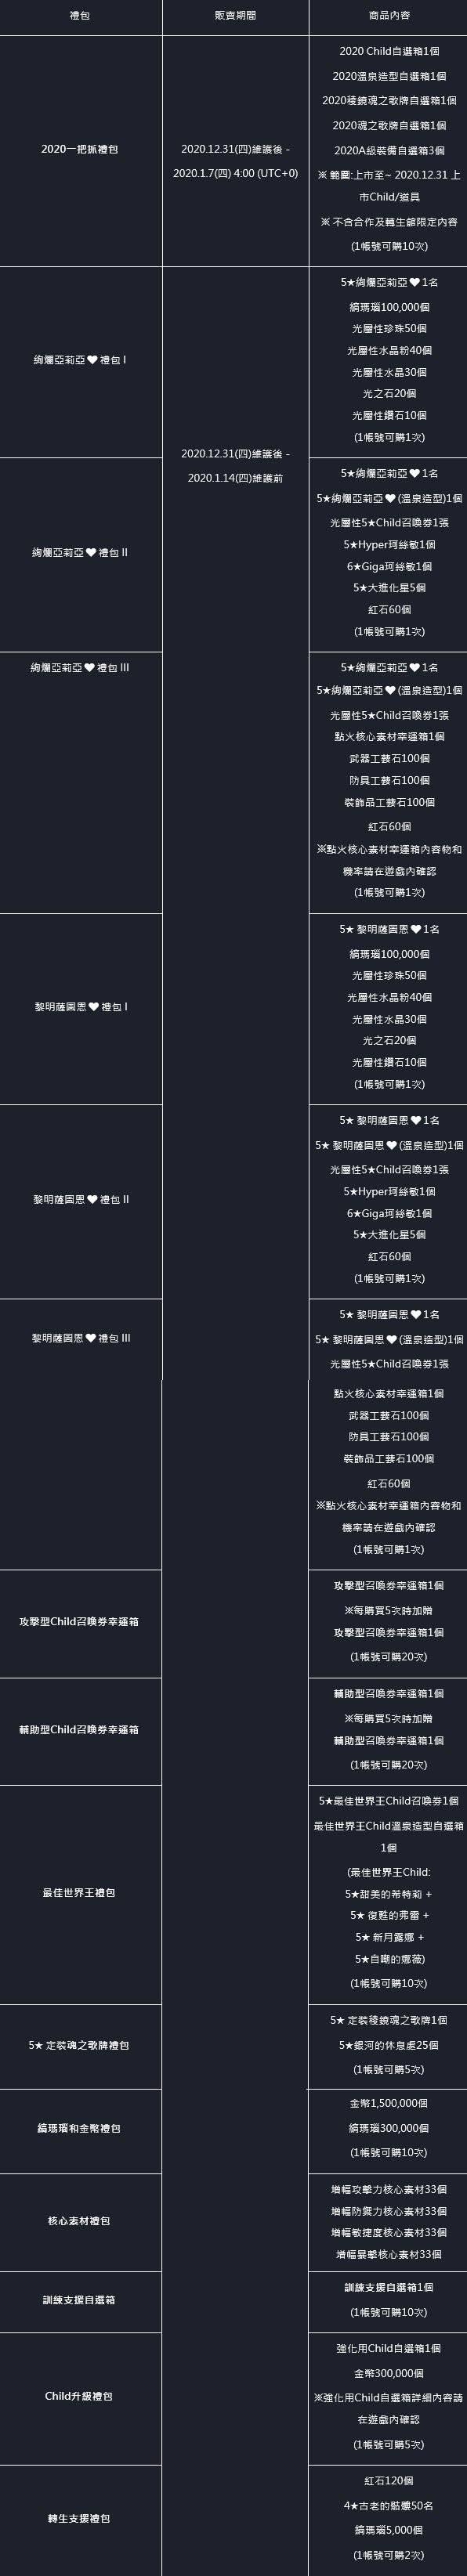 命運之子: 歷史新聞/活動 - 📢20/12/31改版公告 image 318